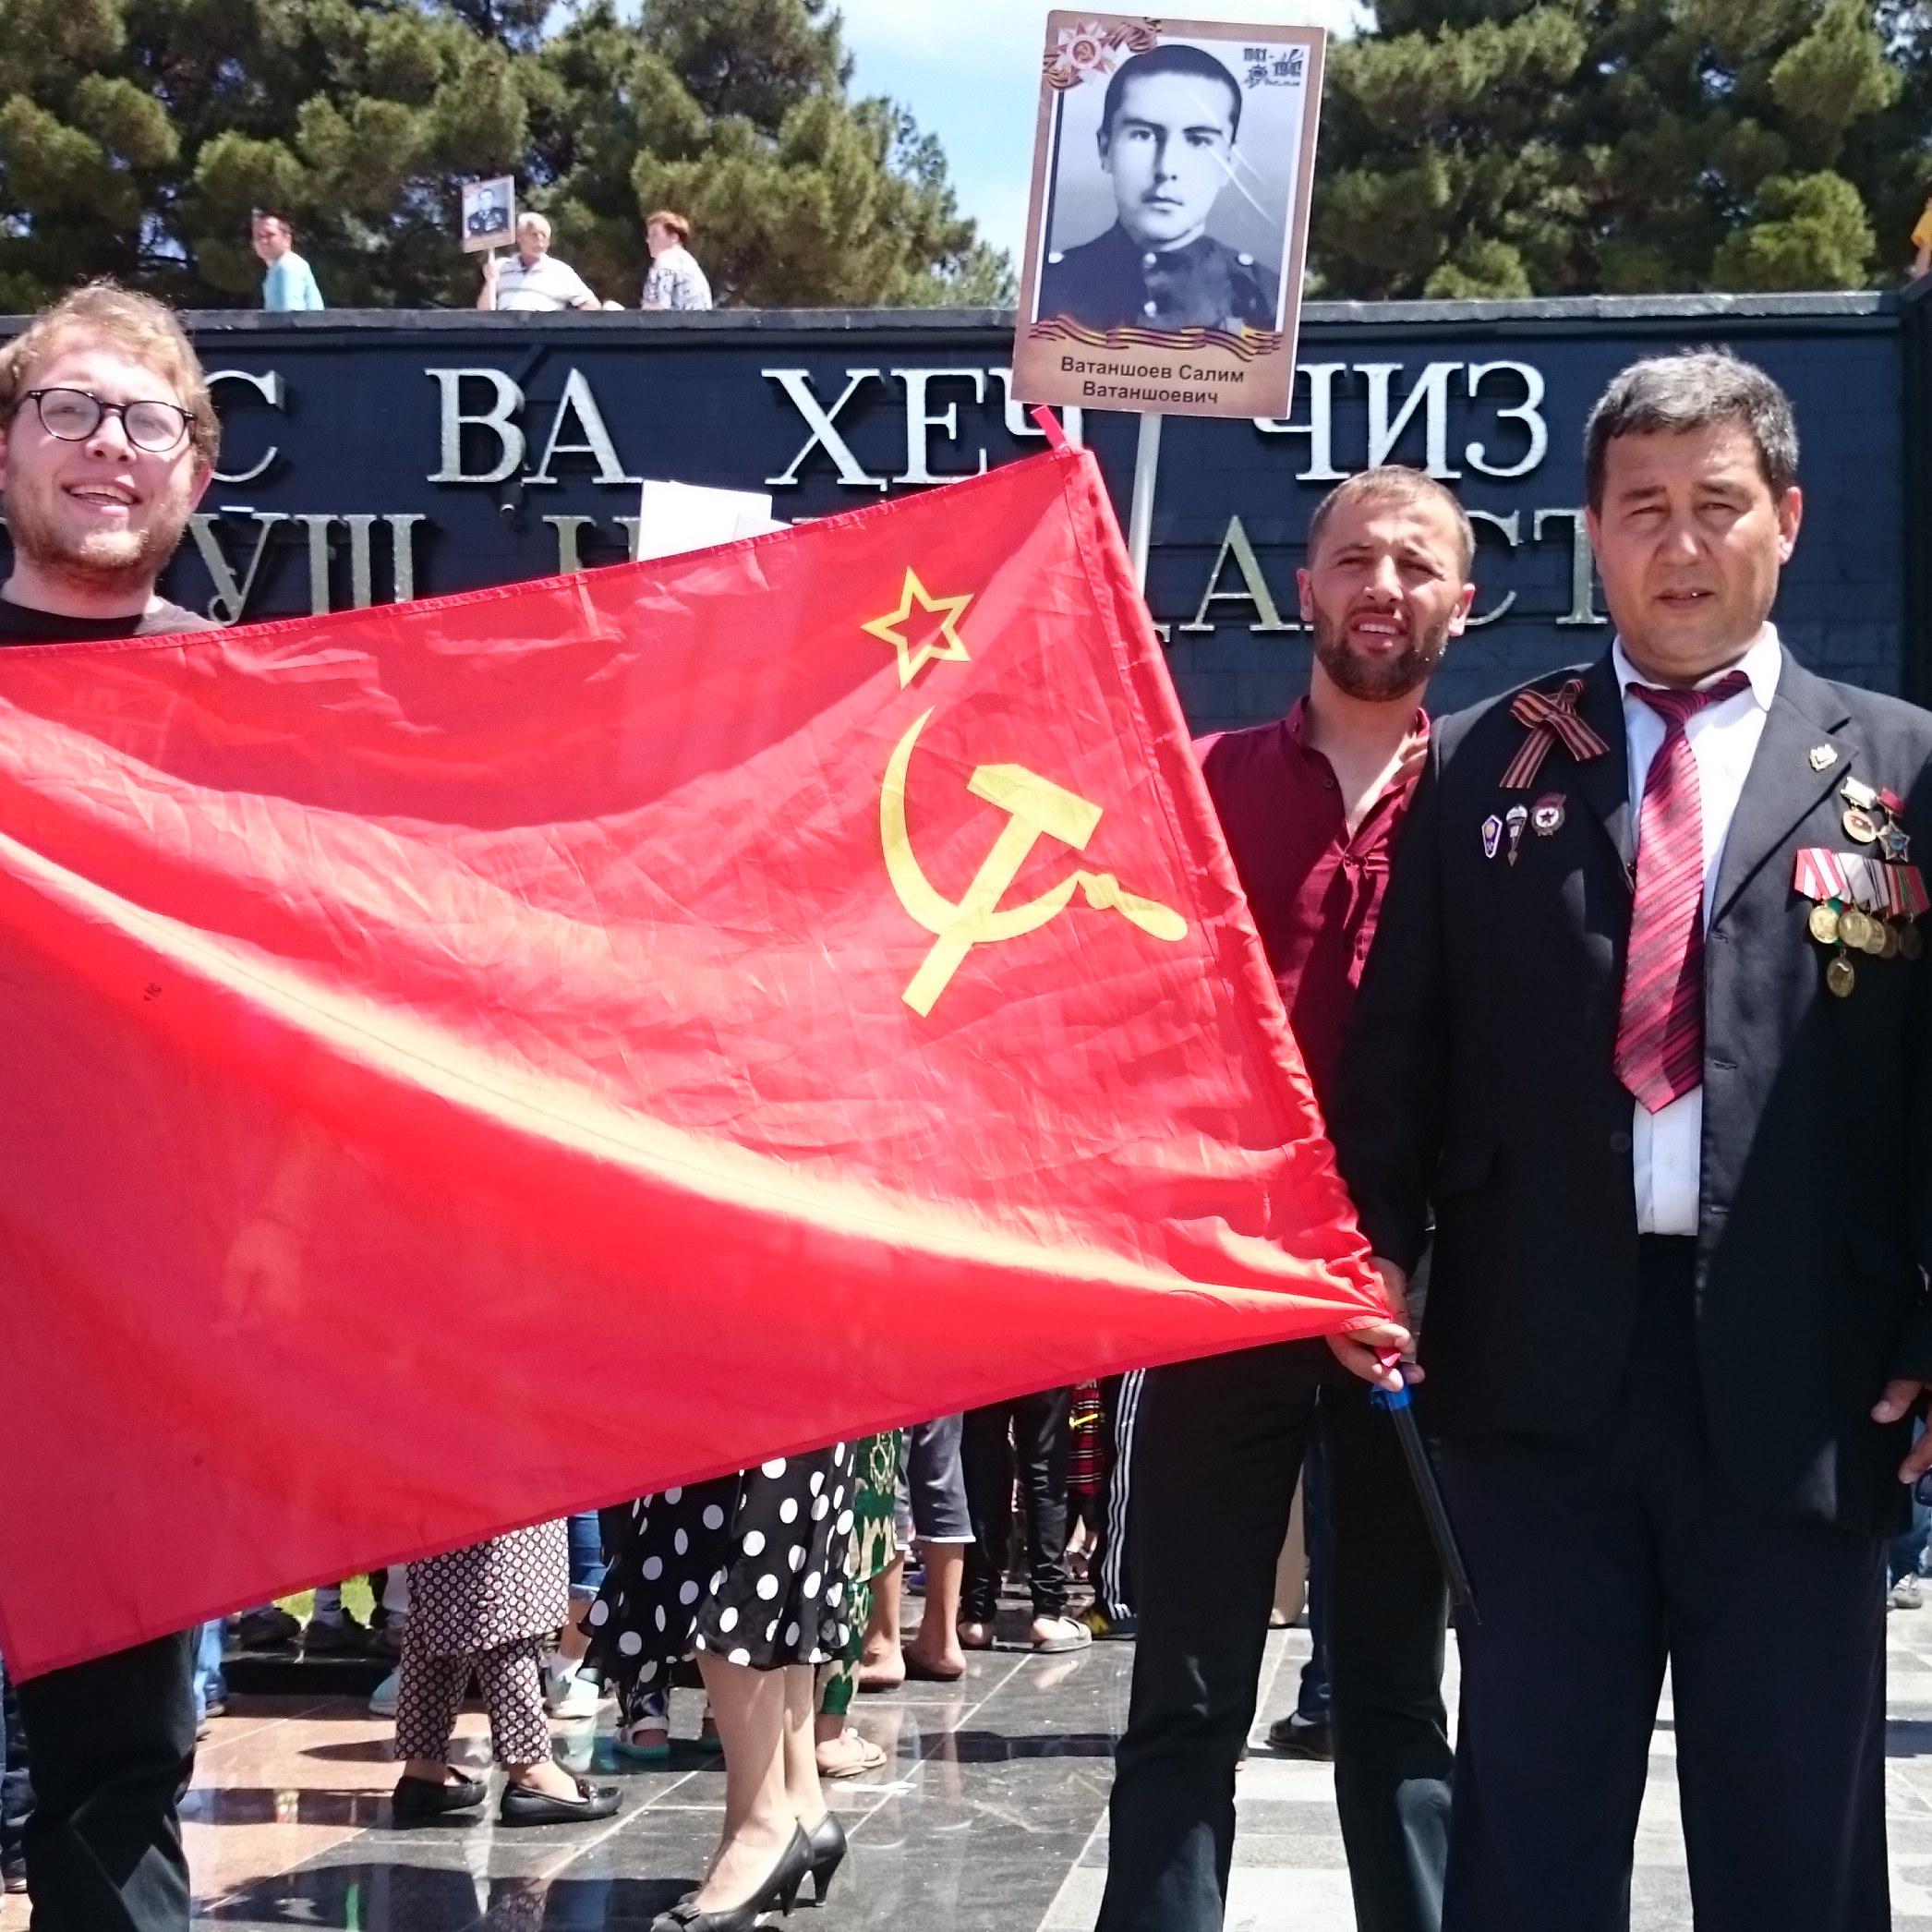 Ein Mann mit vielen Orden posiert stolz neben einer Sowjetflagge.